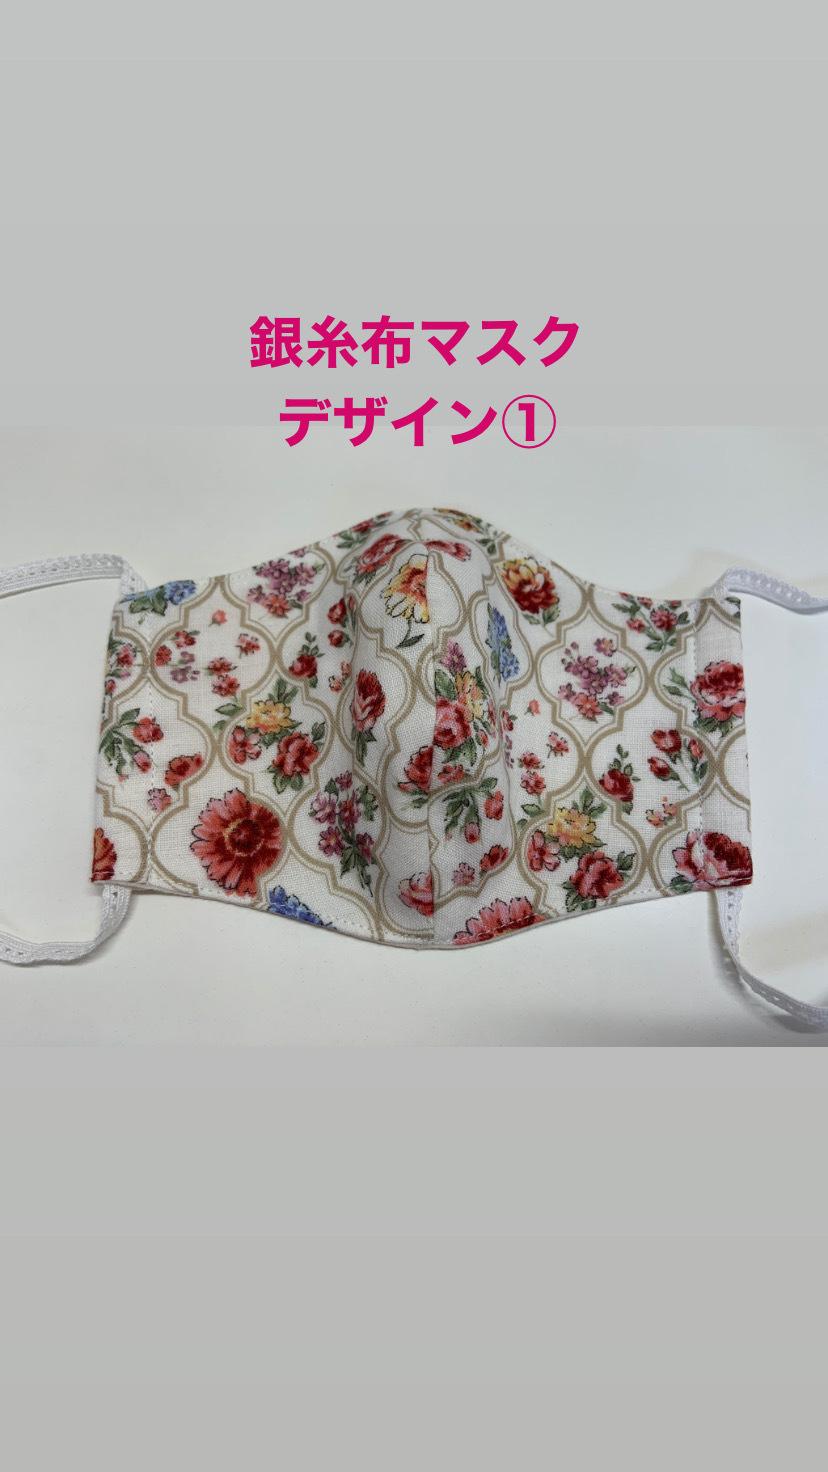 『銀糸』 布マスク 銀イオン効果のある安全快適生活